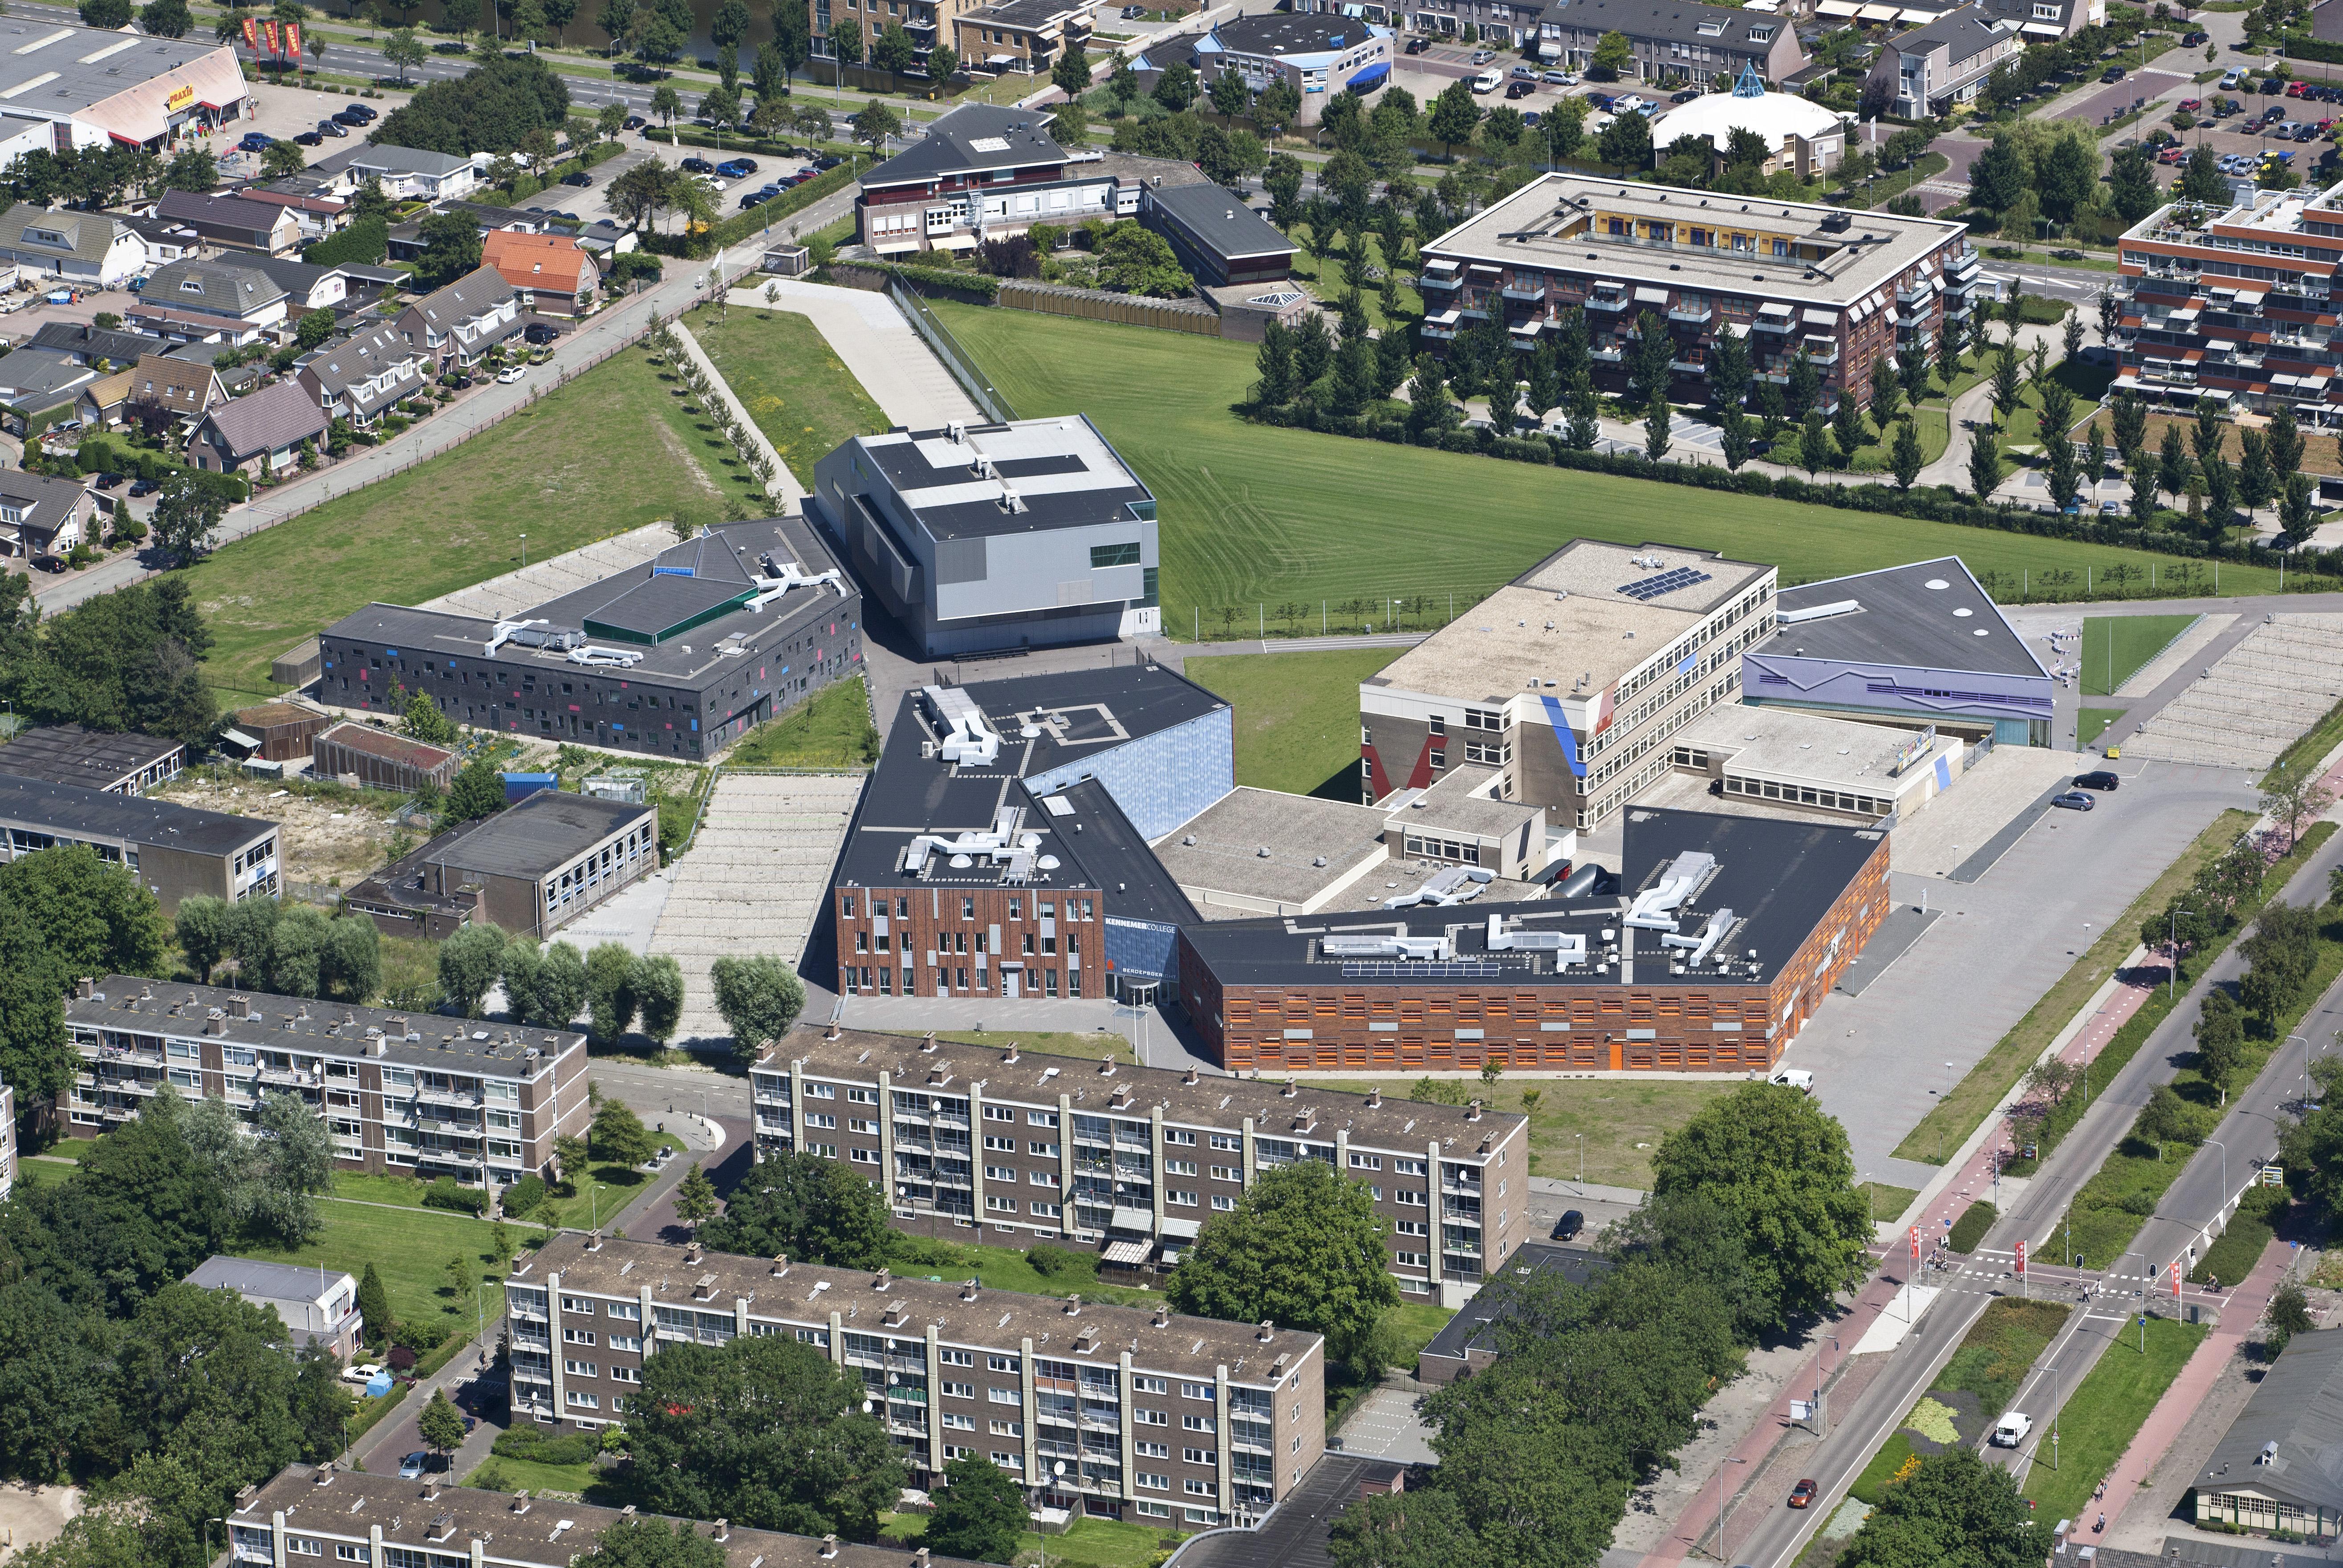 Het Kennemer College ziet het aantal leerlingen drastisch dalen, veel leerlingen fietsen liever naar Castricum en Velsen